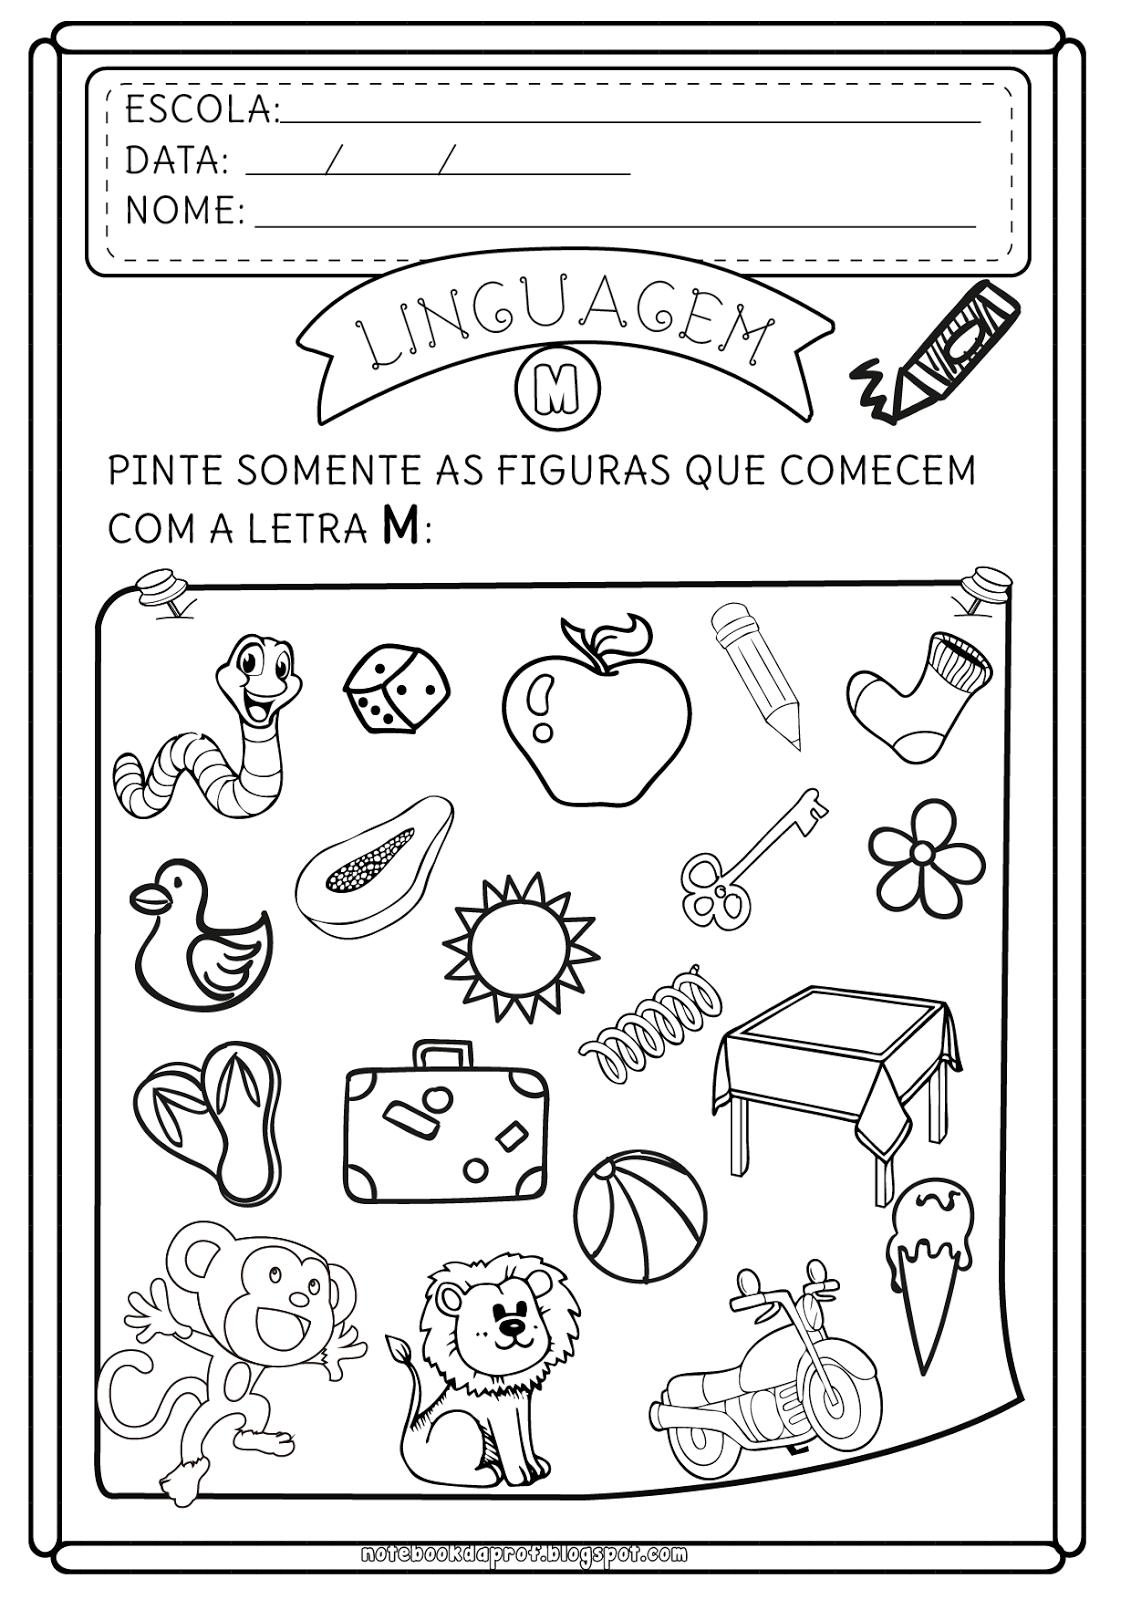 Notebook Da Profa Atividades Letra M Reconhecendo A